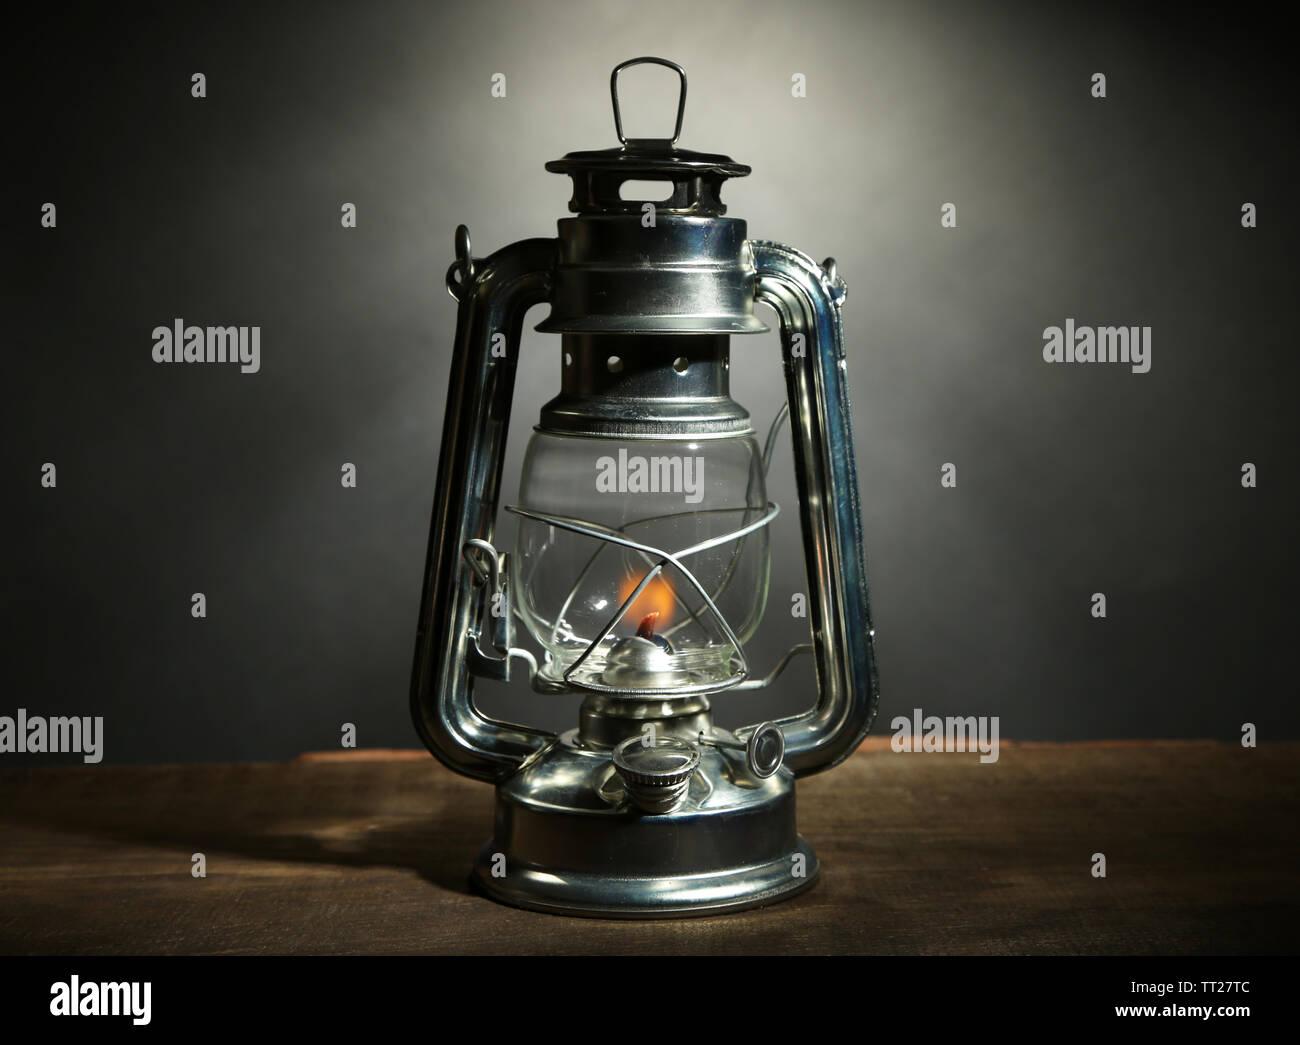 Kerosene lamp on dark grey background - Stock Image